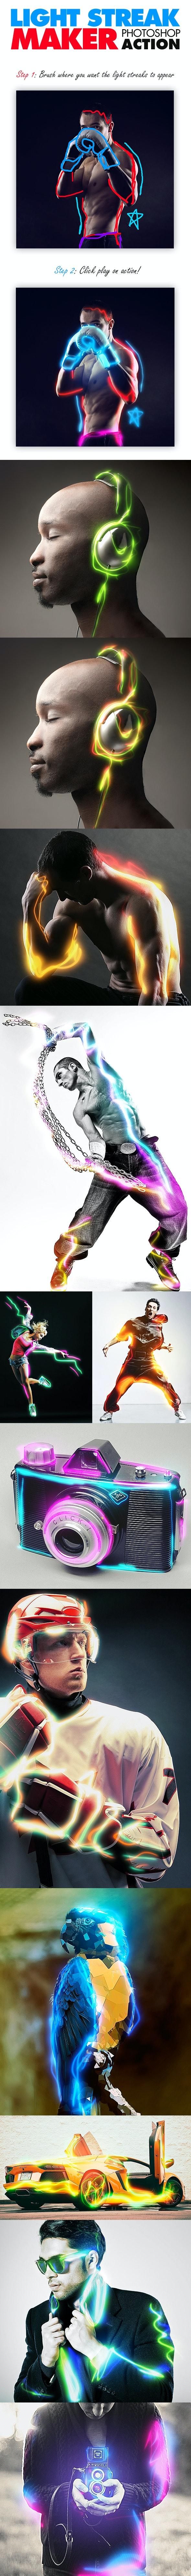 Light Streak Maker Photoshop Action - Utilities Actions